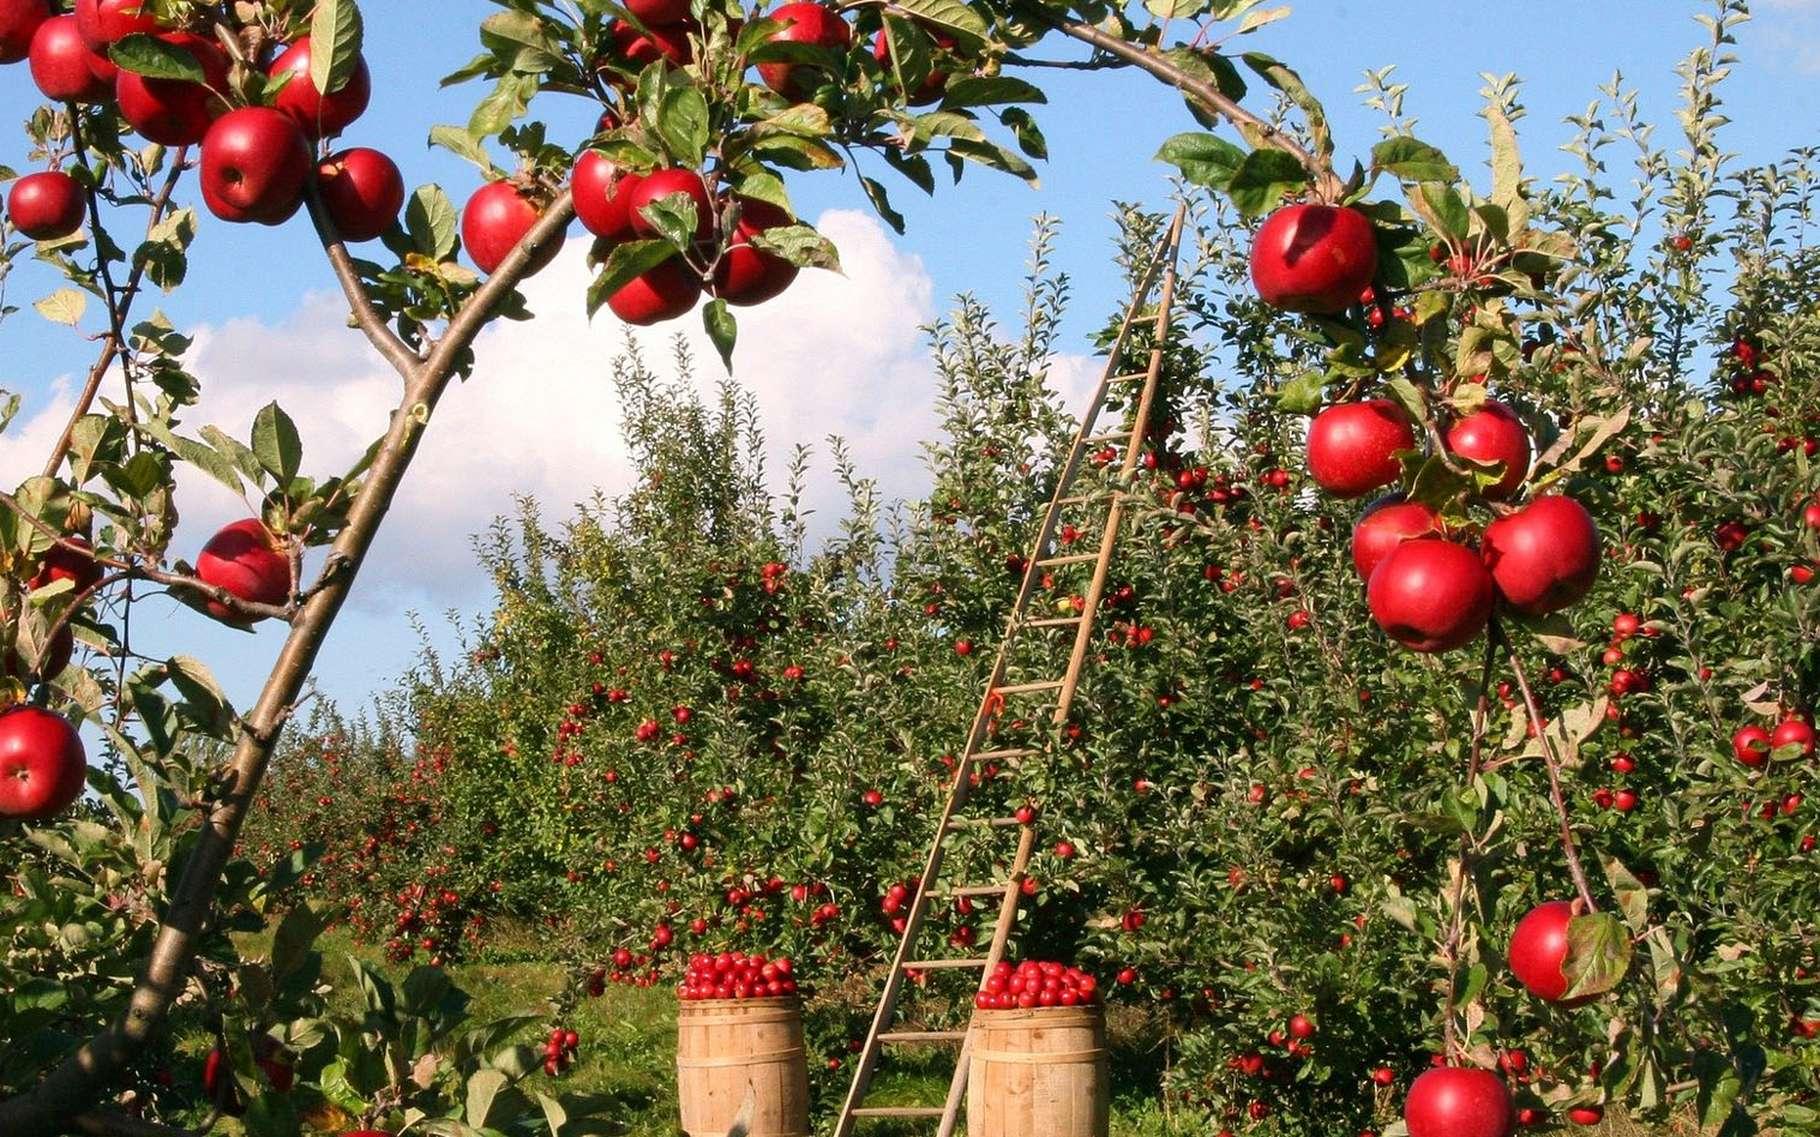 Des pommes à croquer. © Lumix2004, Pixabay, DP